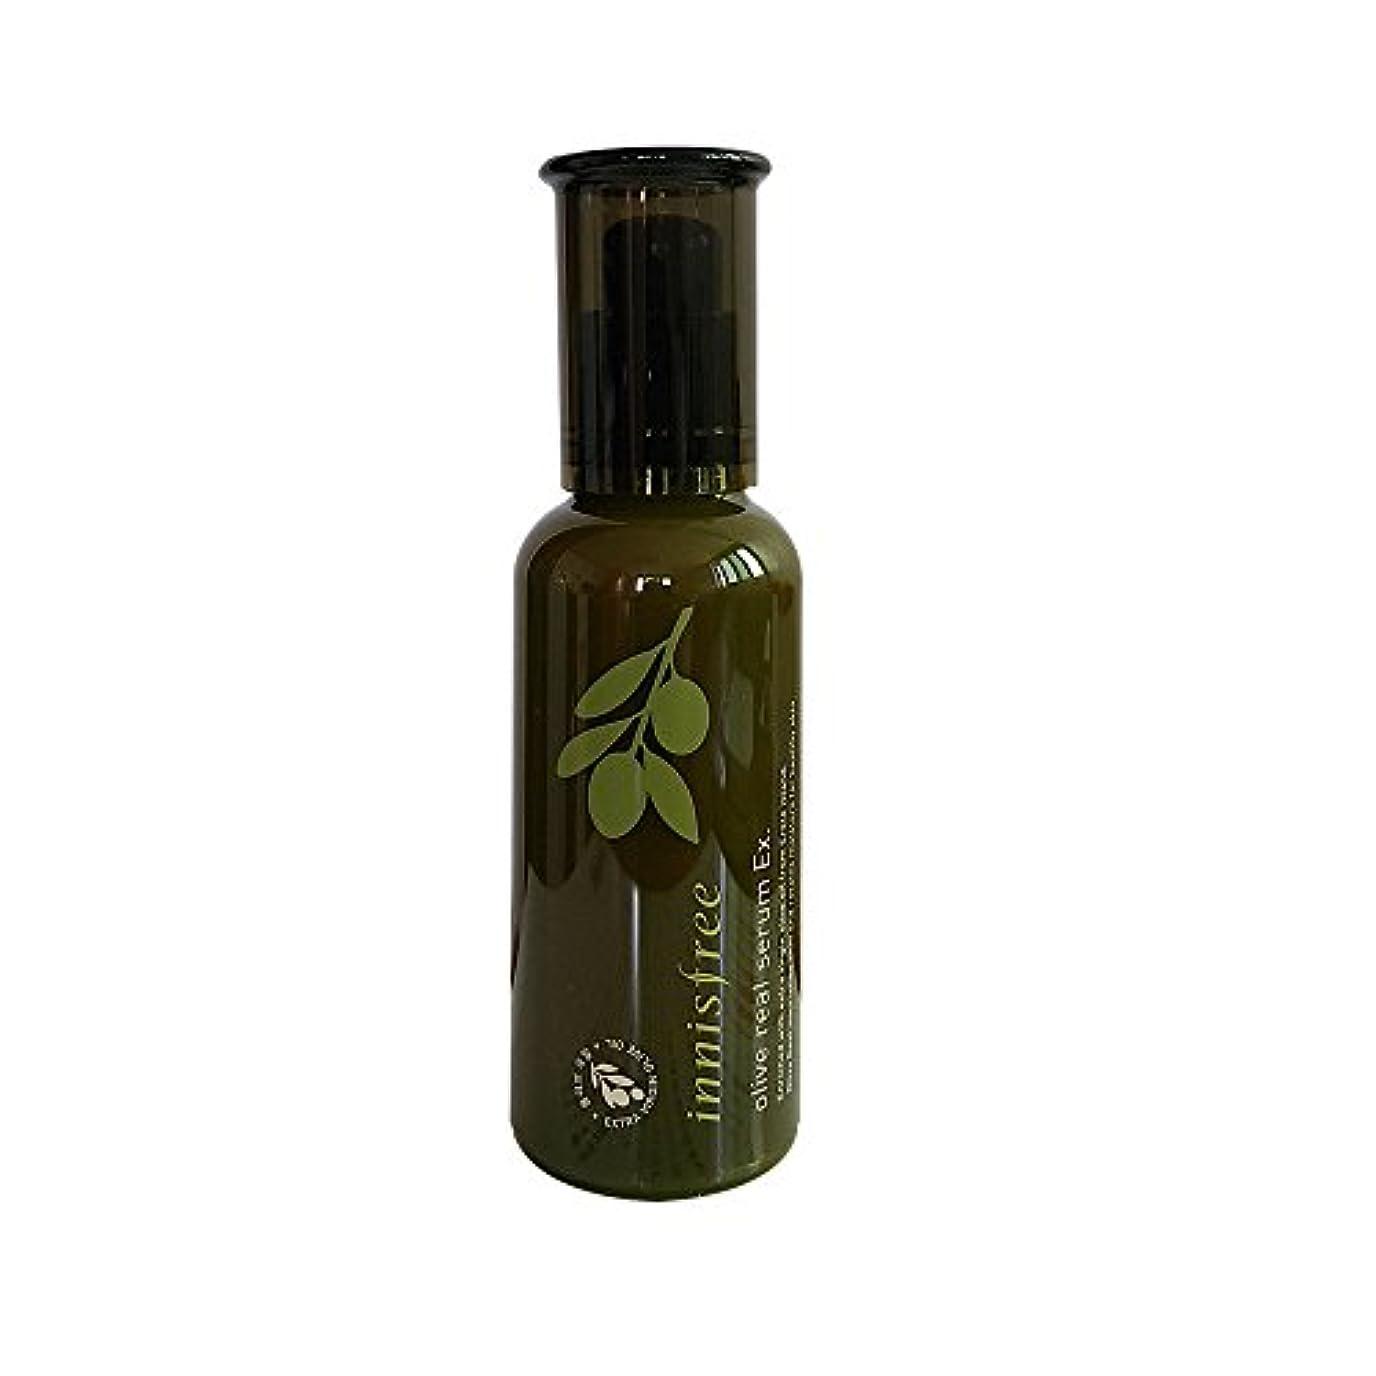 技術者オープナーディスカウントイニスフリー Innisfree オリーブリアルセラム(50ml) Innisfree Olive Real Serum(50ml) [海外直送品]